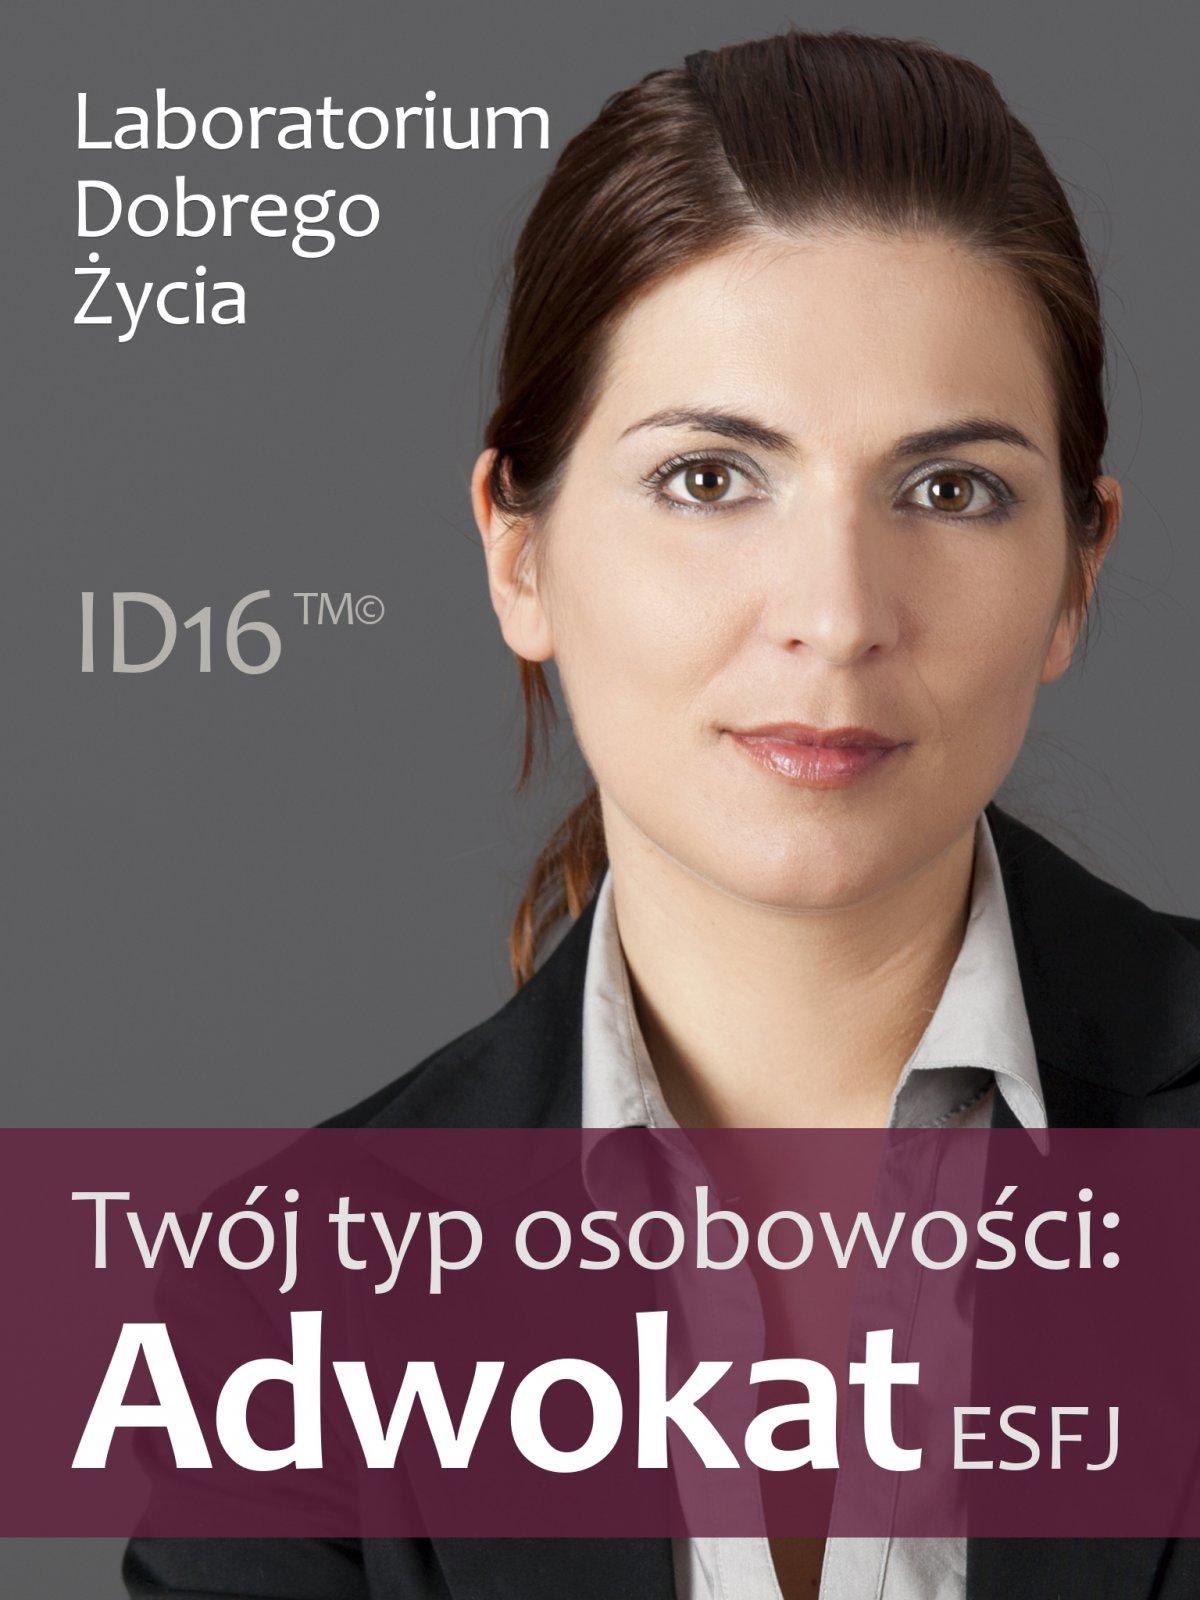 Twój typ osobowości: Adwokat (ESFJ) - Ebook (Książka PDF) do pobrania w formacie PDF